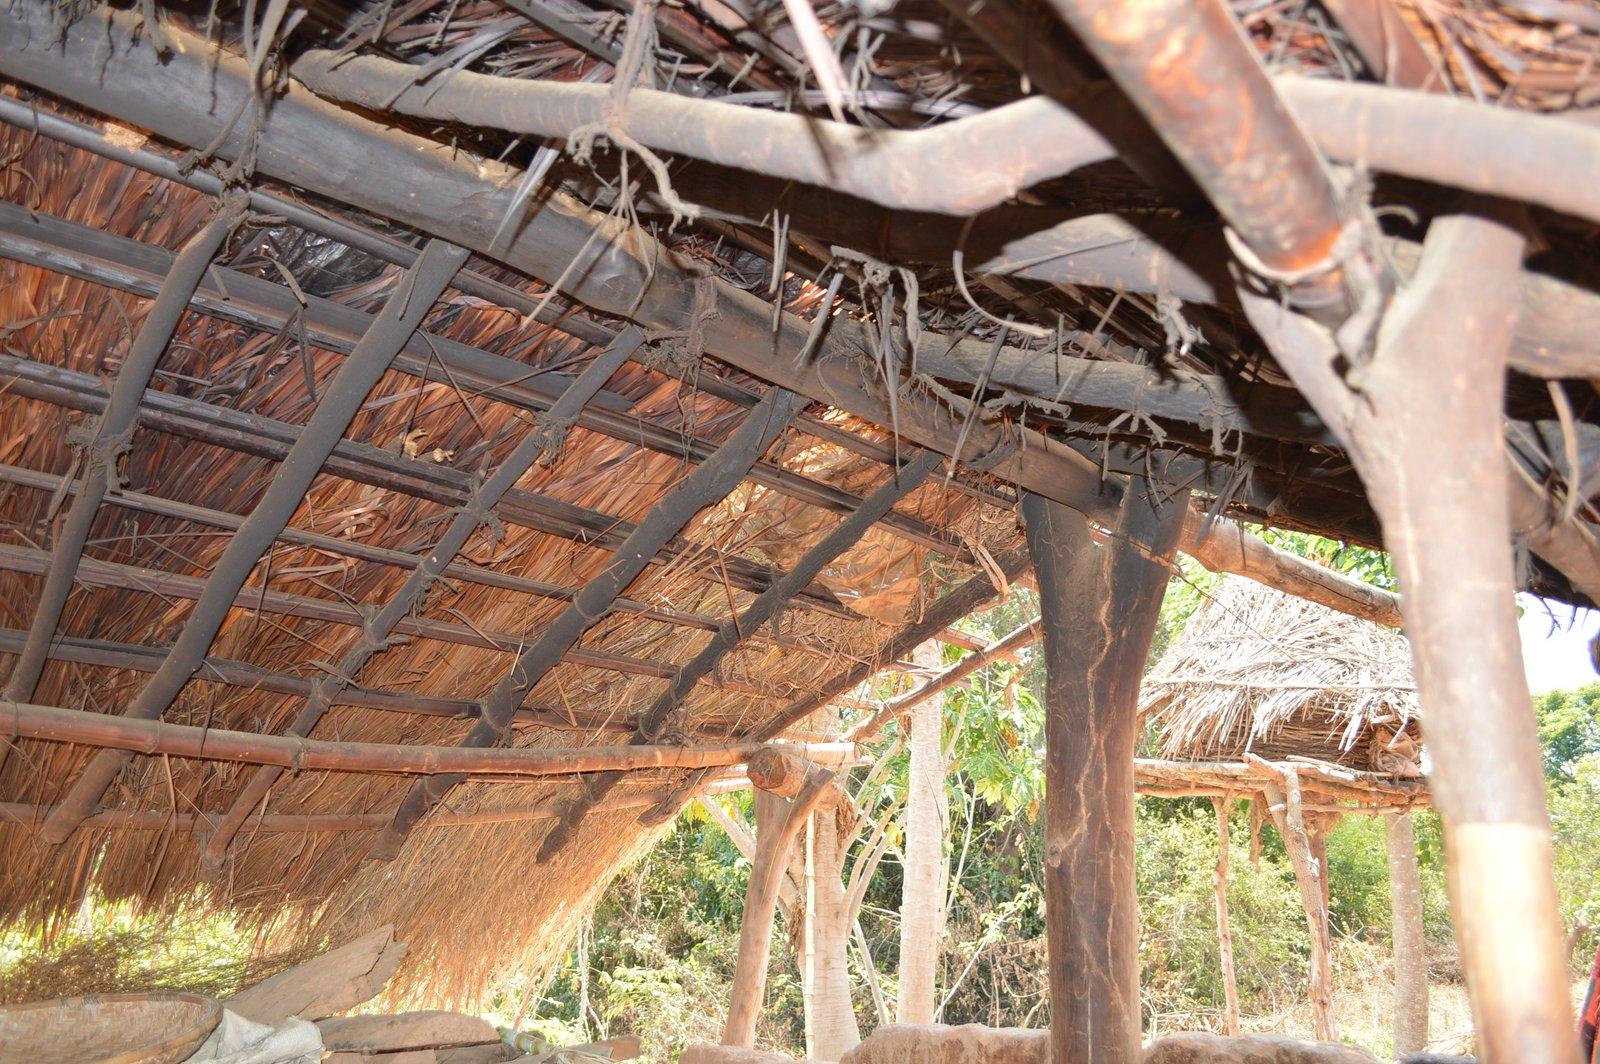 Khombedza, Nkhata Bay (15).JPG